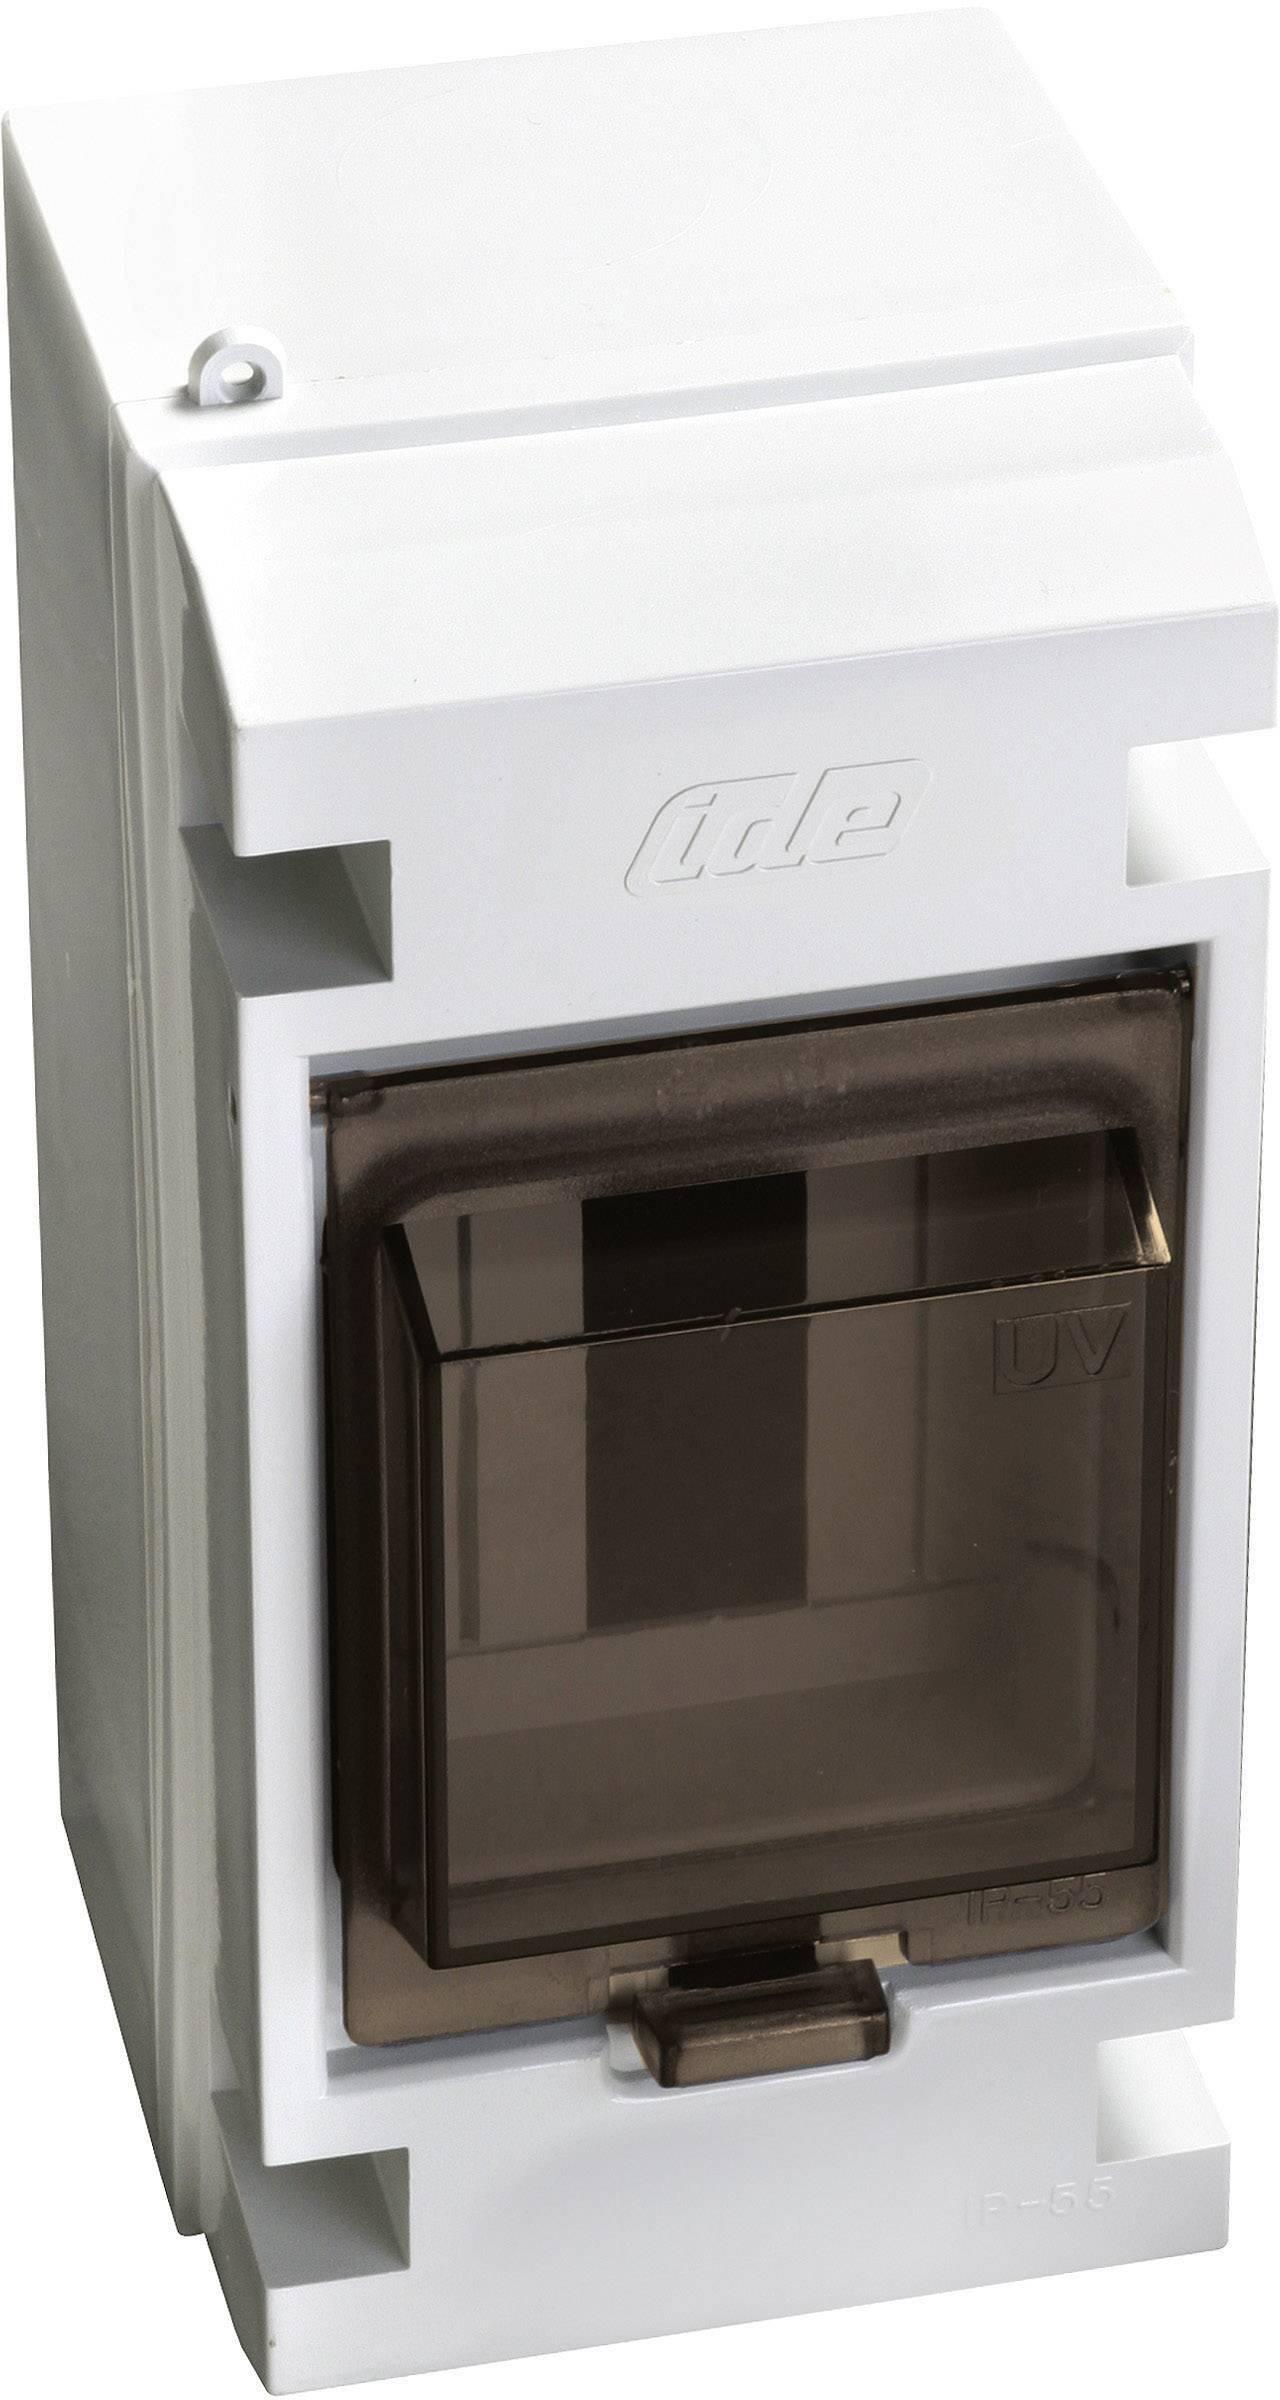 Jednoradová rozvodná skriňa IDE 20000 na omietku, 3 moduly, IP55